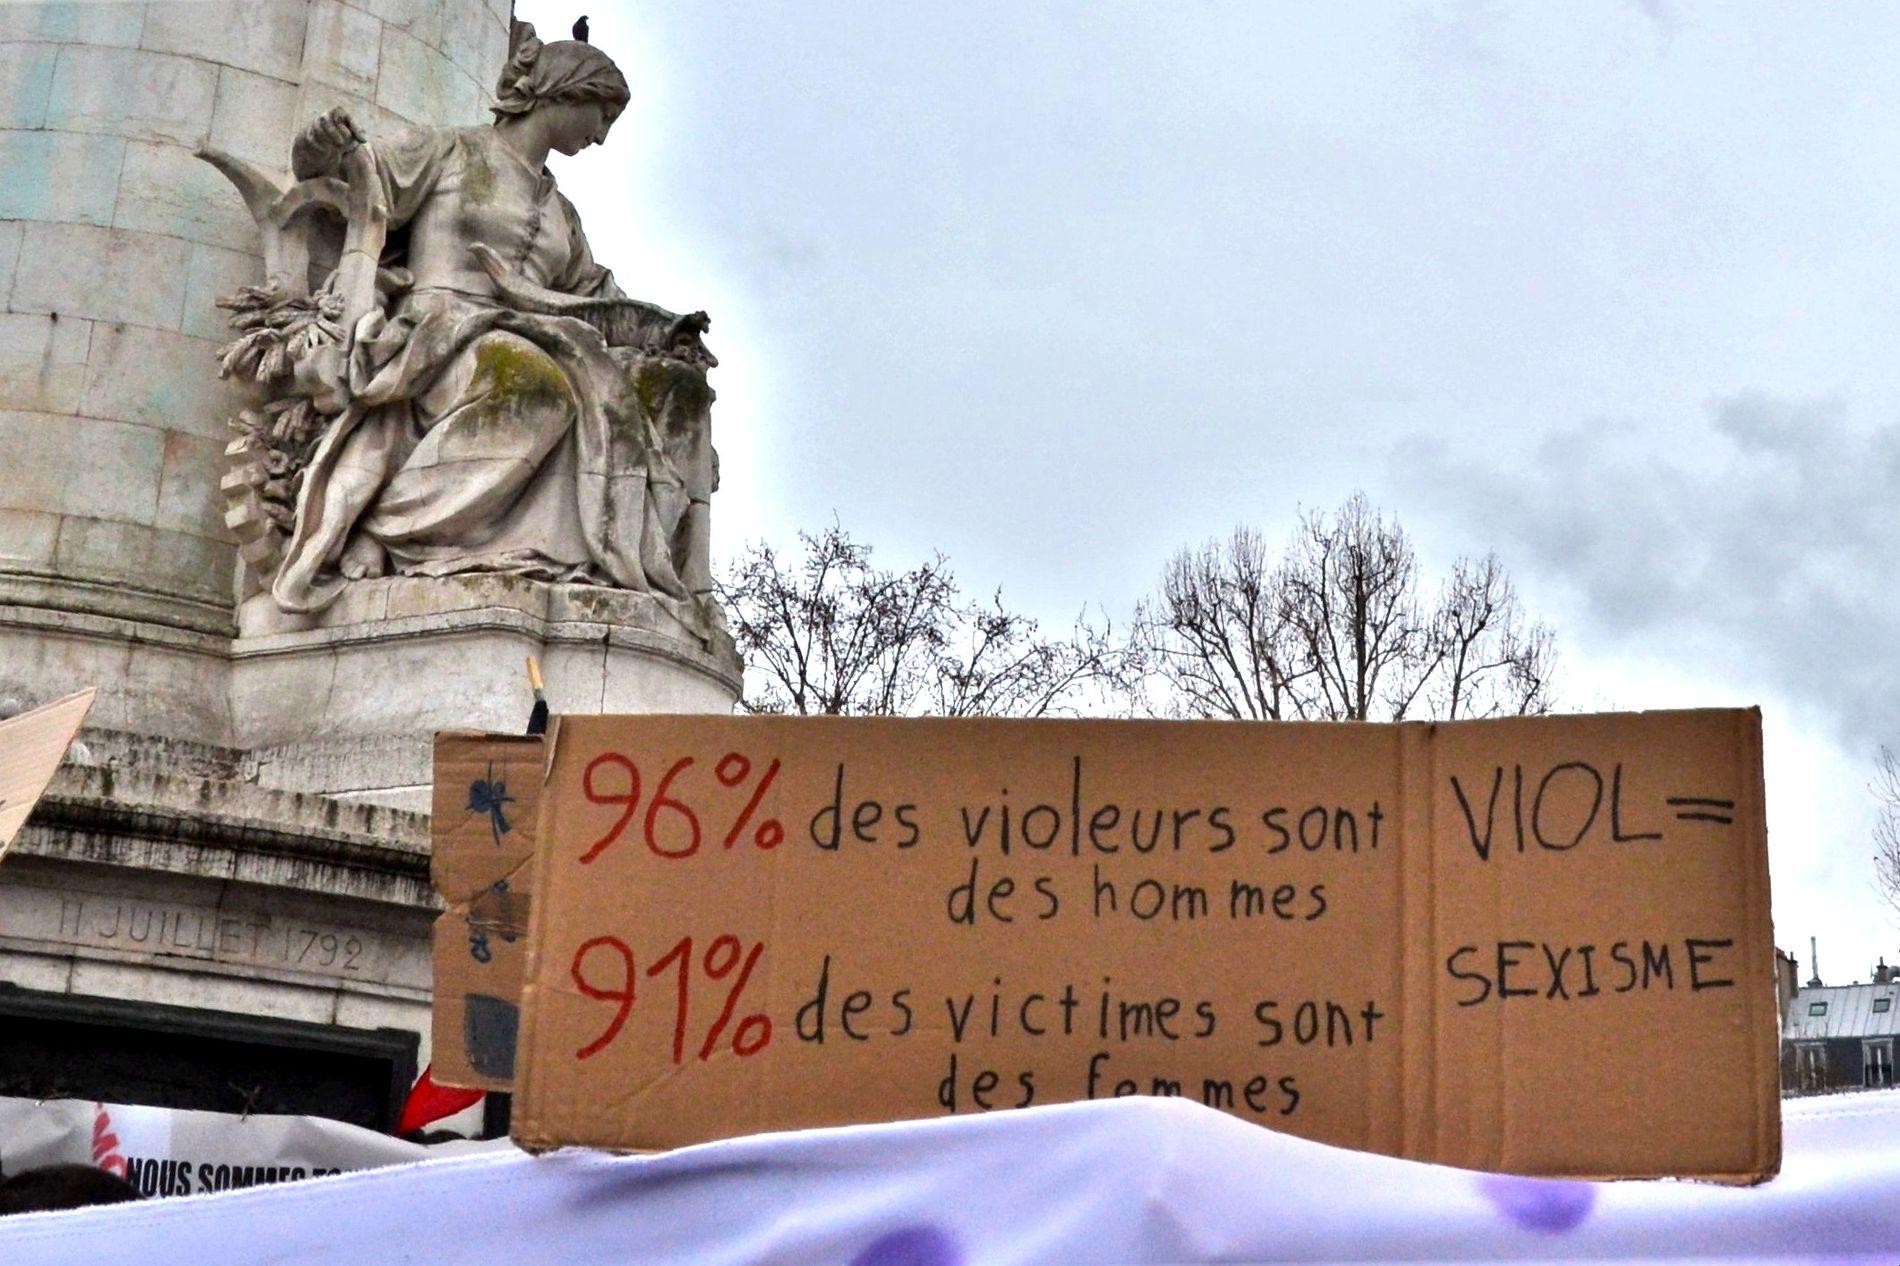 Manifestation pour le droit des femmes, 8 mars 2019.